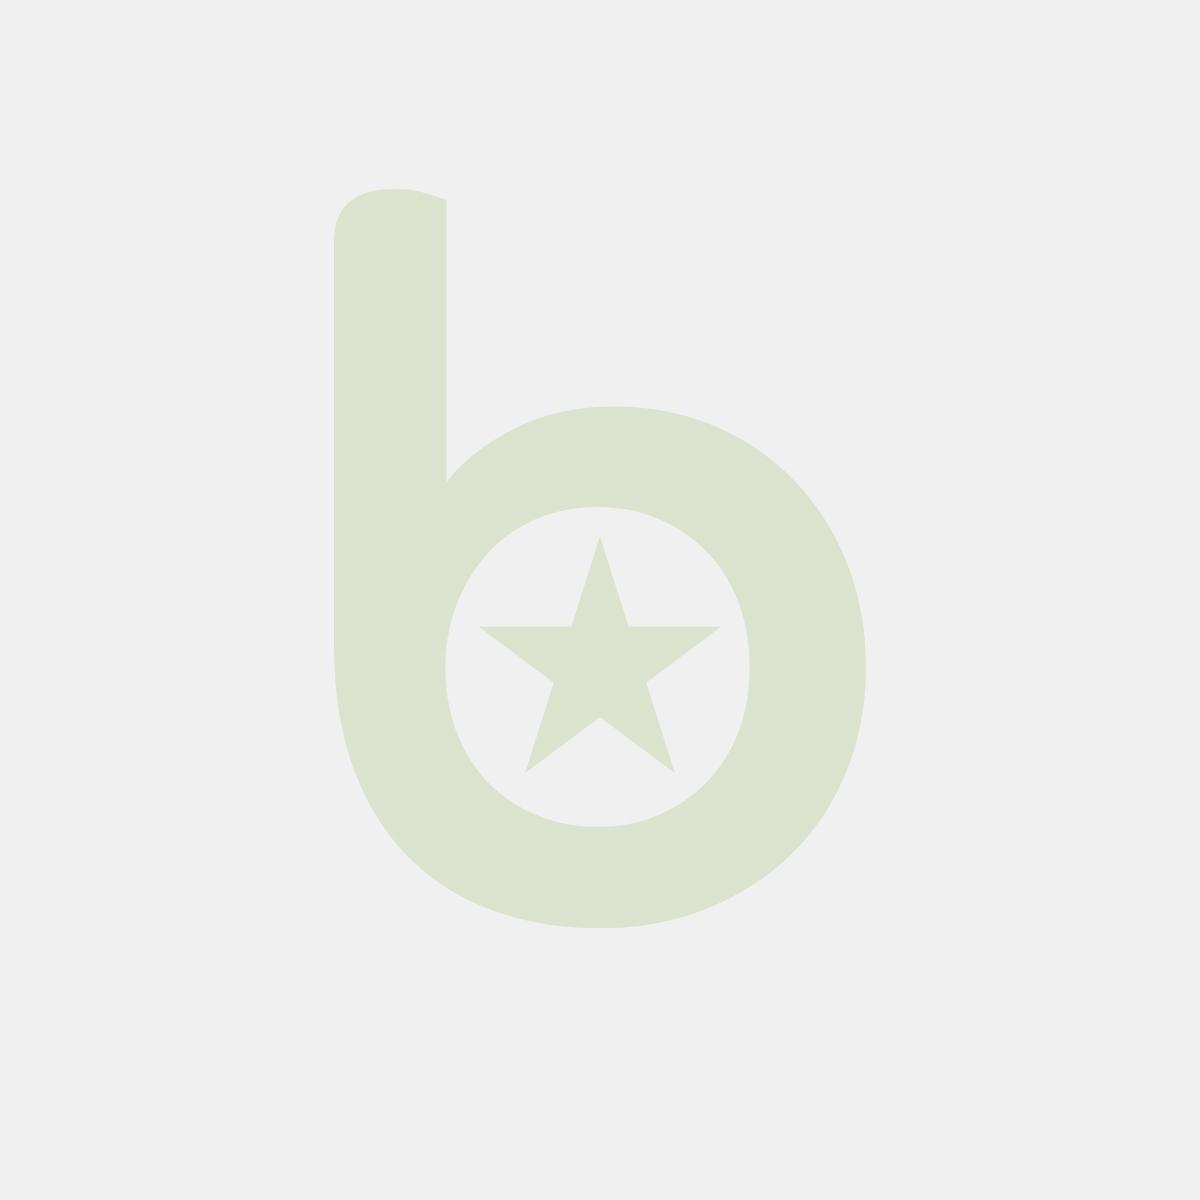 FINGERFOOD - miseczka, kwadratowa 7,5x7,5x2,7 biała z melaminy